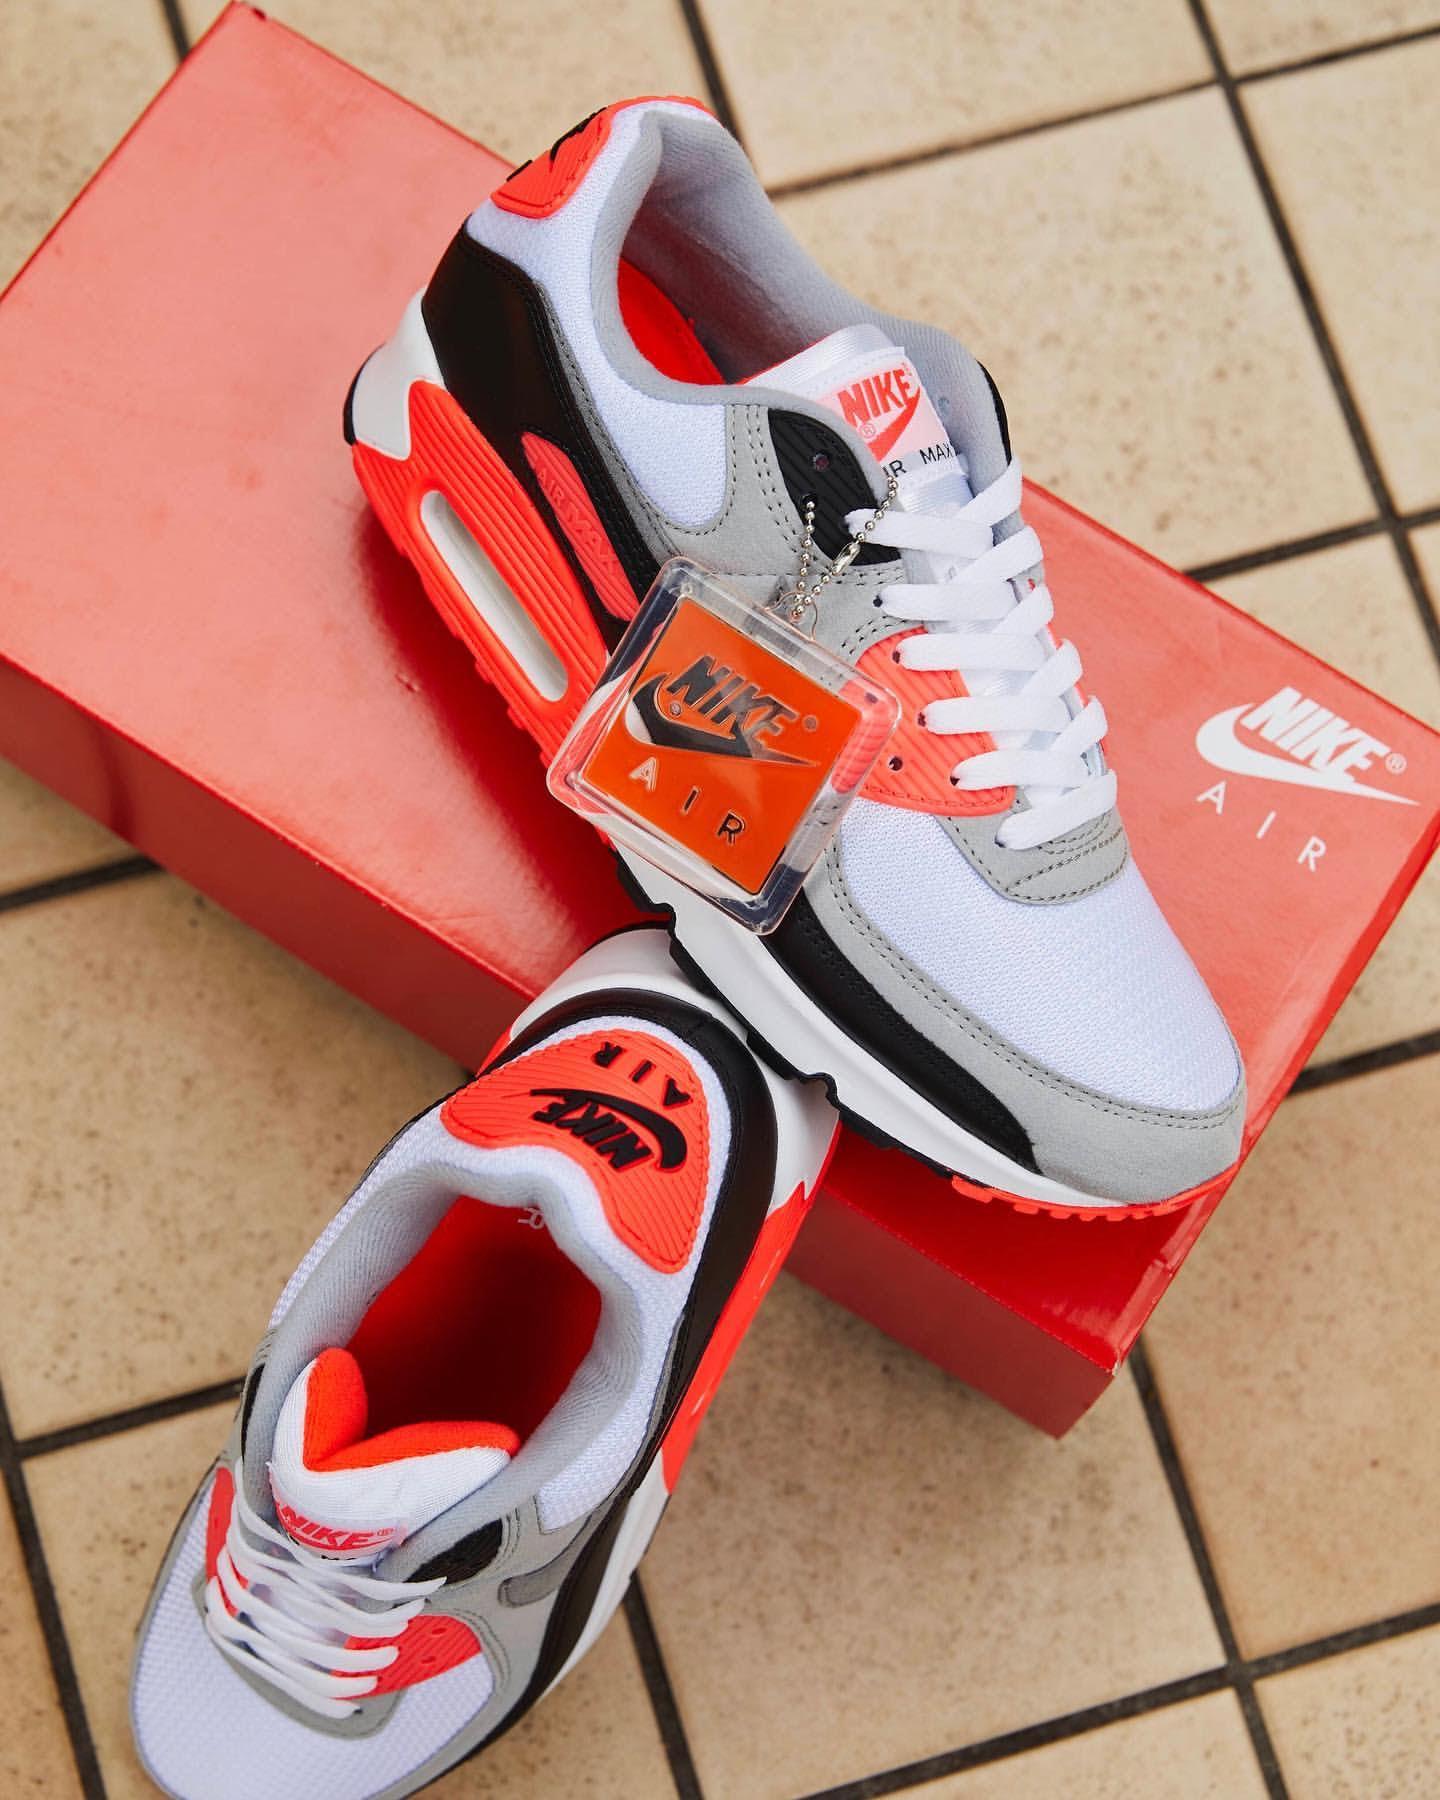 ナイキ エア マックス 90 インフラレッド Nike Air Max 90 Infrared CT1685-100 atmos shoes box